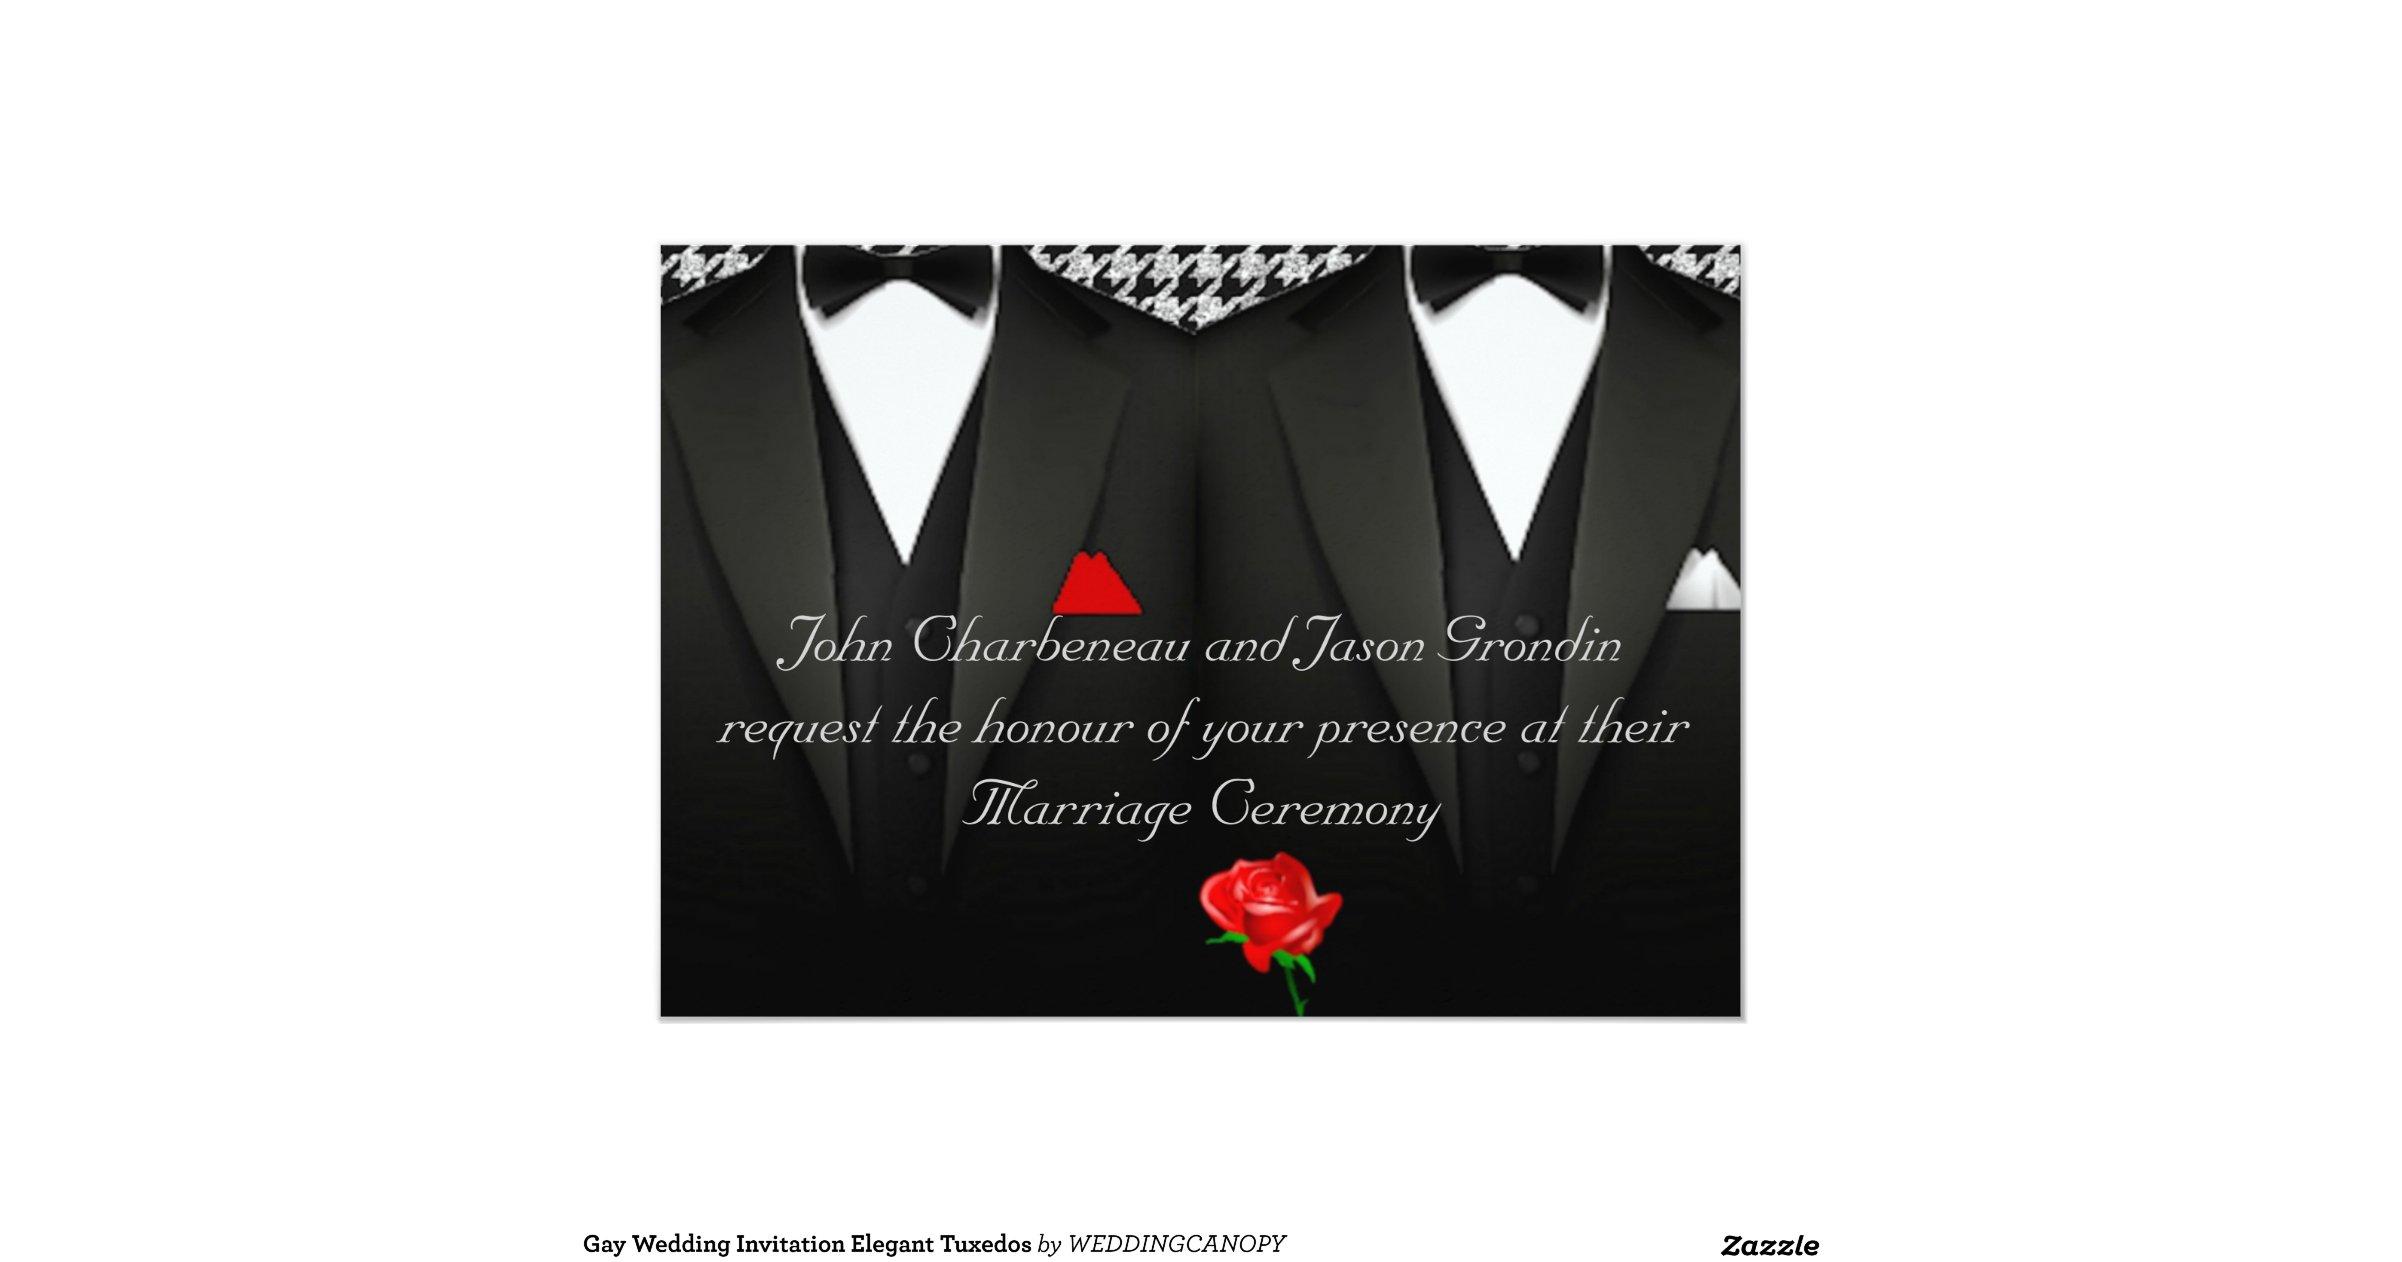 Gay Wedding Invite: Gay_wedding_invitation_elegant_tuxedos